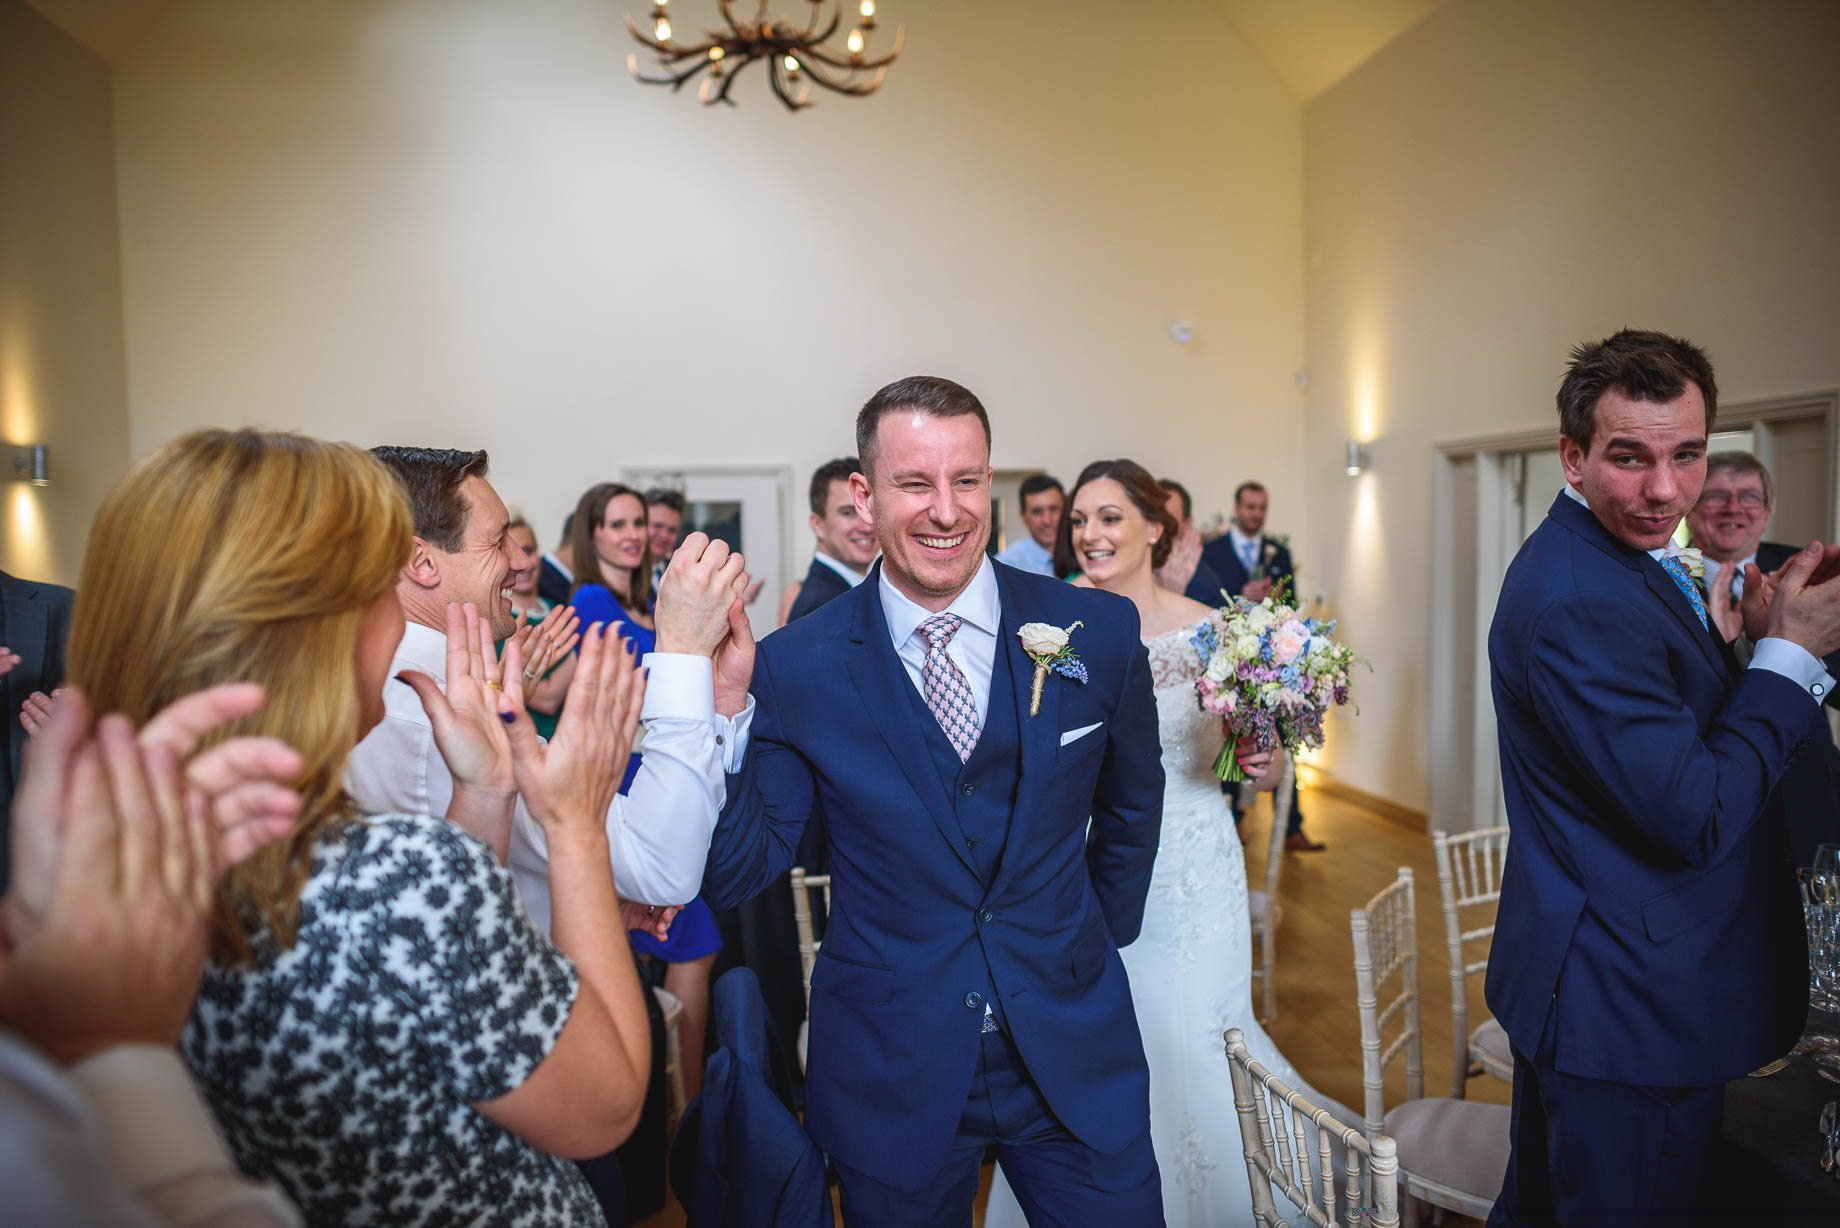 Millbridge Court Wedding Photography - Lisa and Daniel (118 of 173)